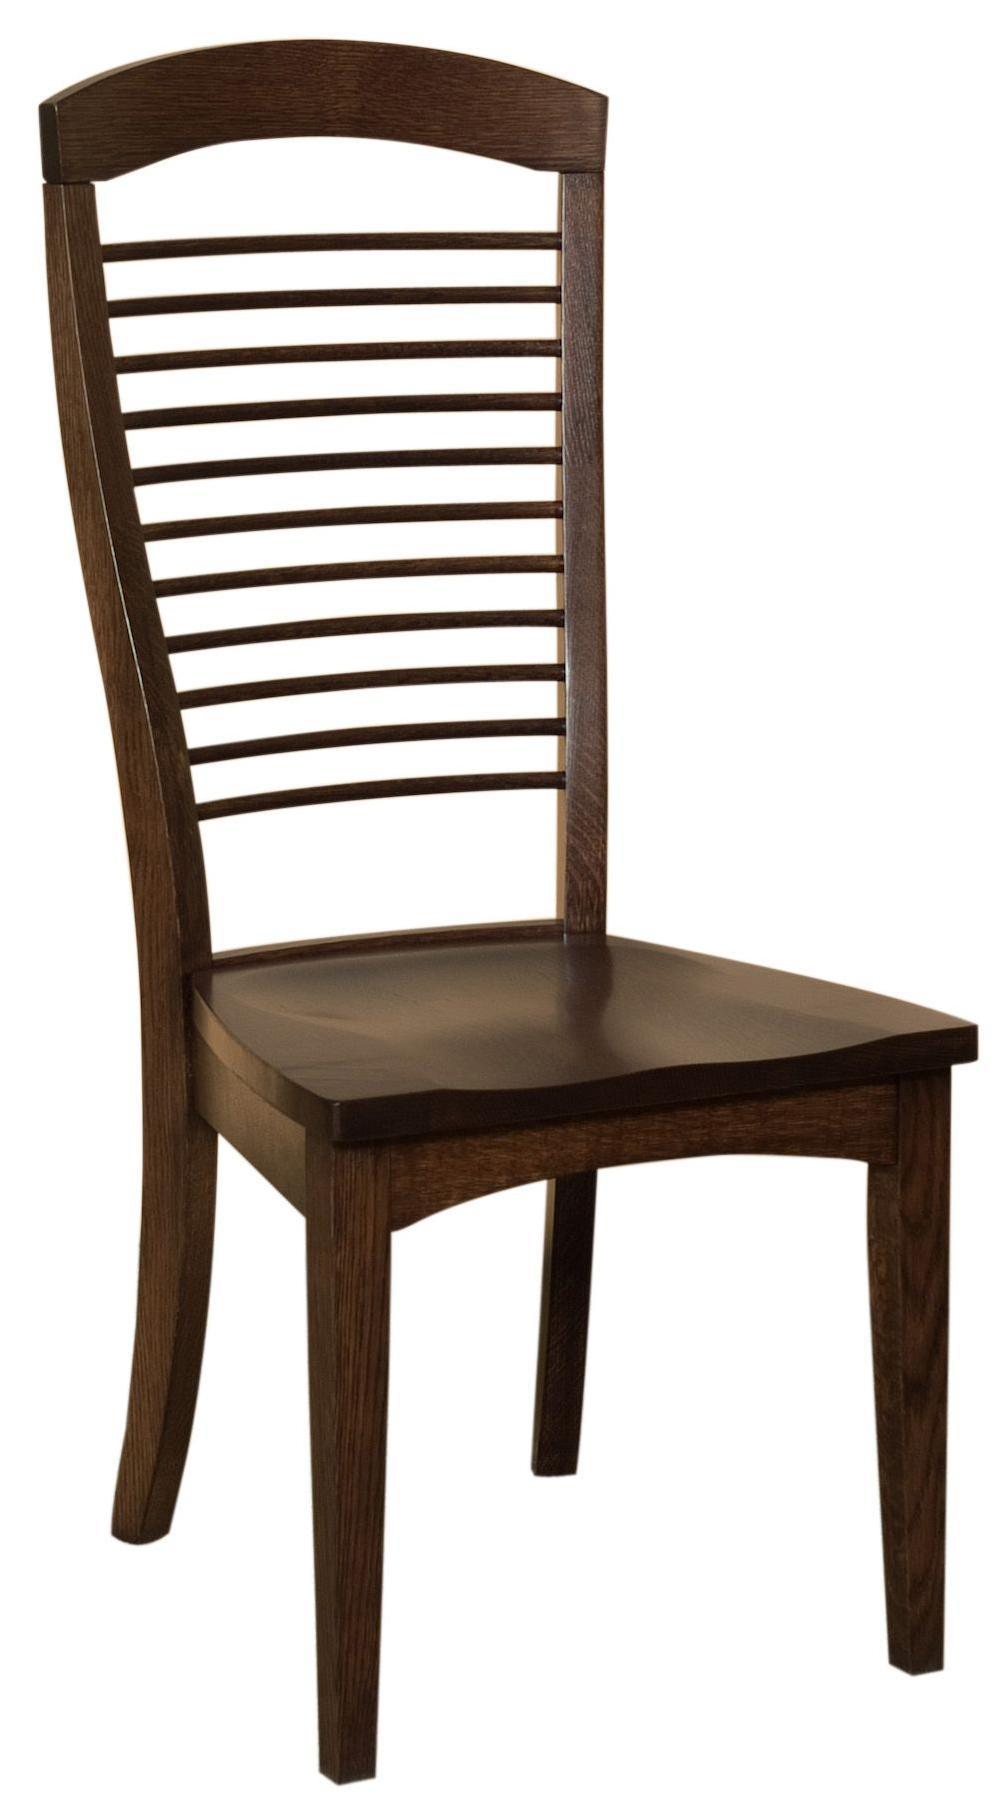 Bar chairs 24 embassy bar chair morris home bar stool for Morris home